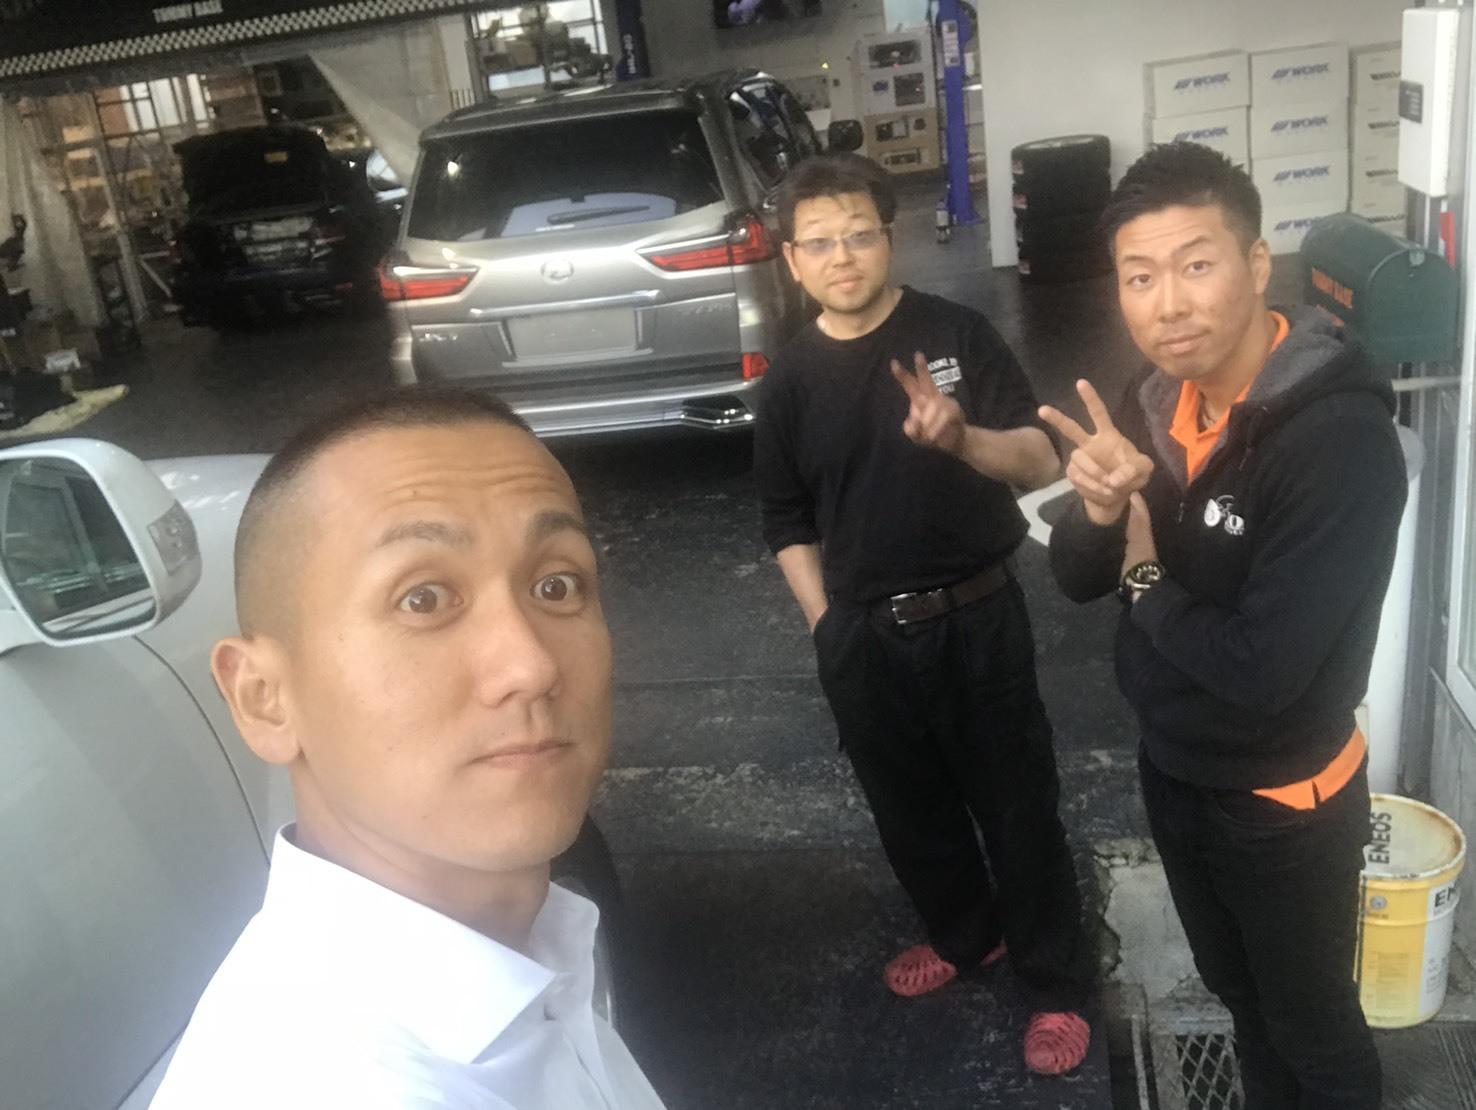 10月13日(土)✿ランクル80F様&ベンツSL350A社様納車(゜゜)♡タントK様ご成約(^^)/_b0127002_18254542.jpg